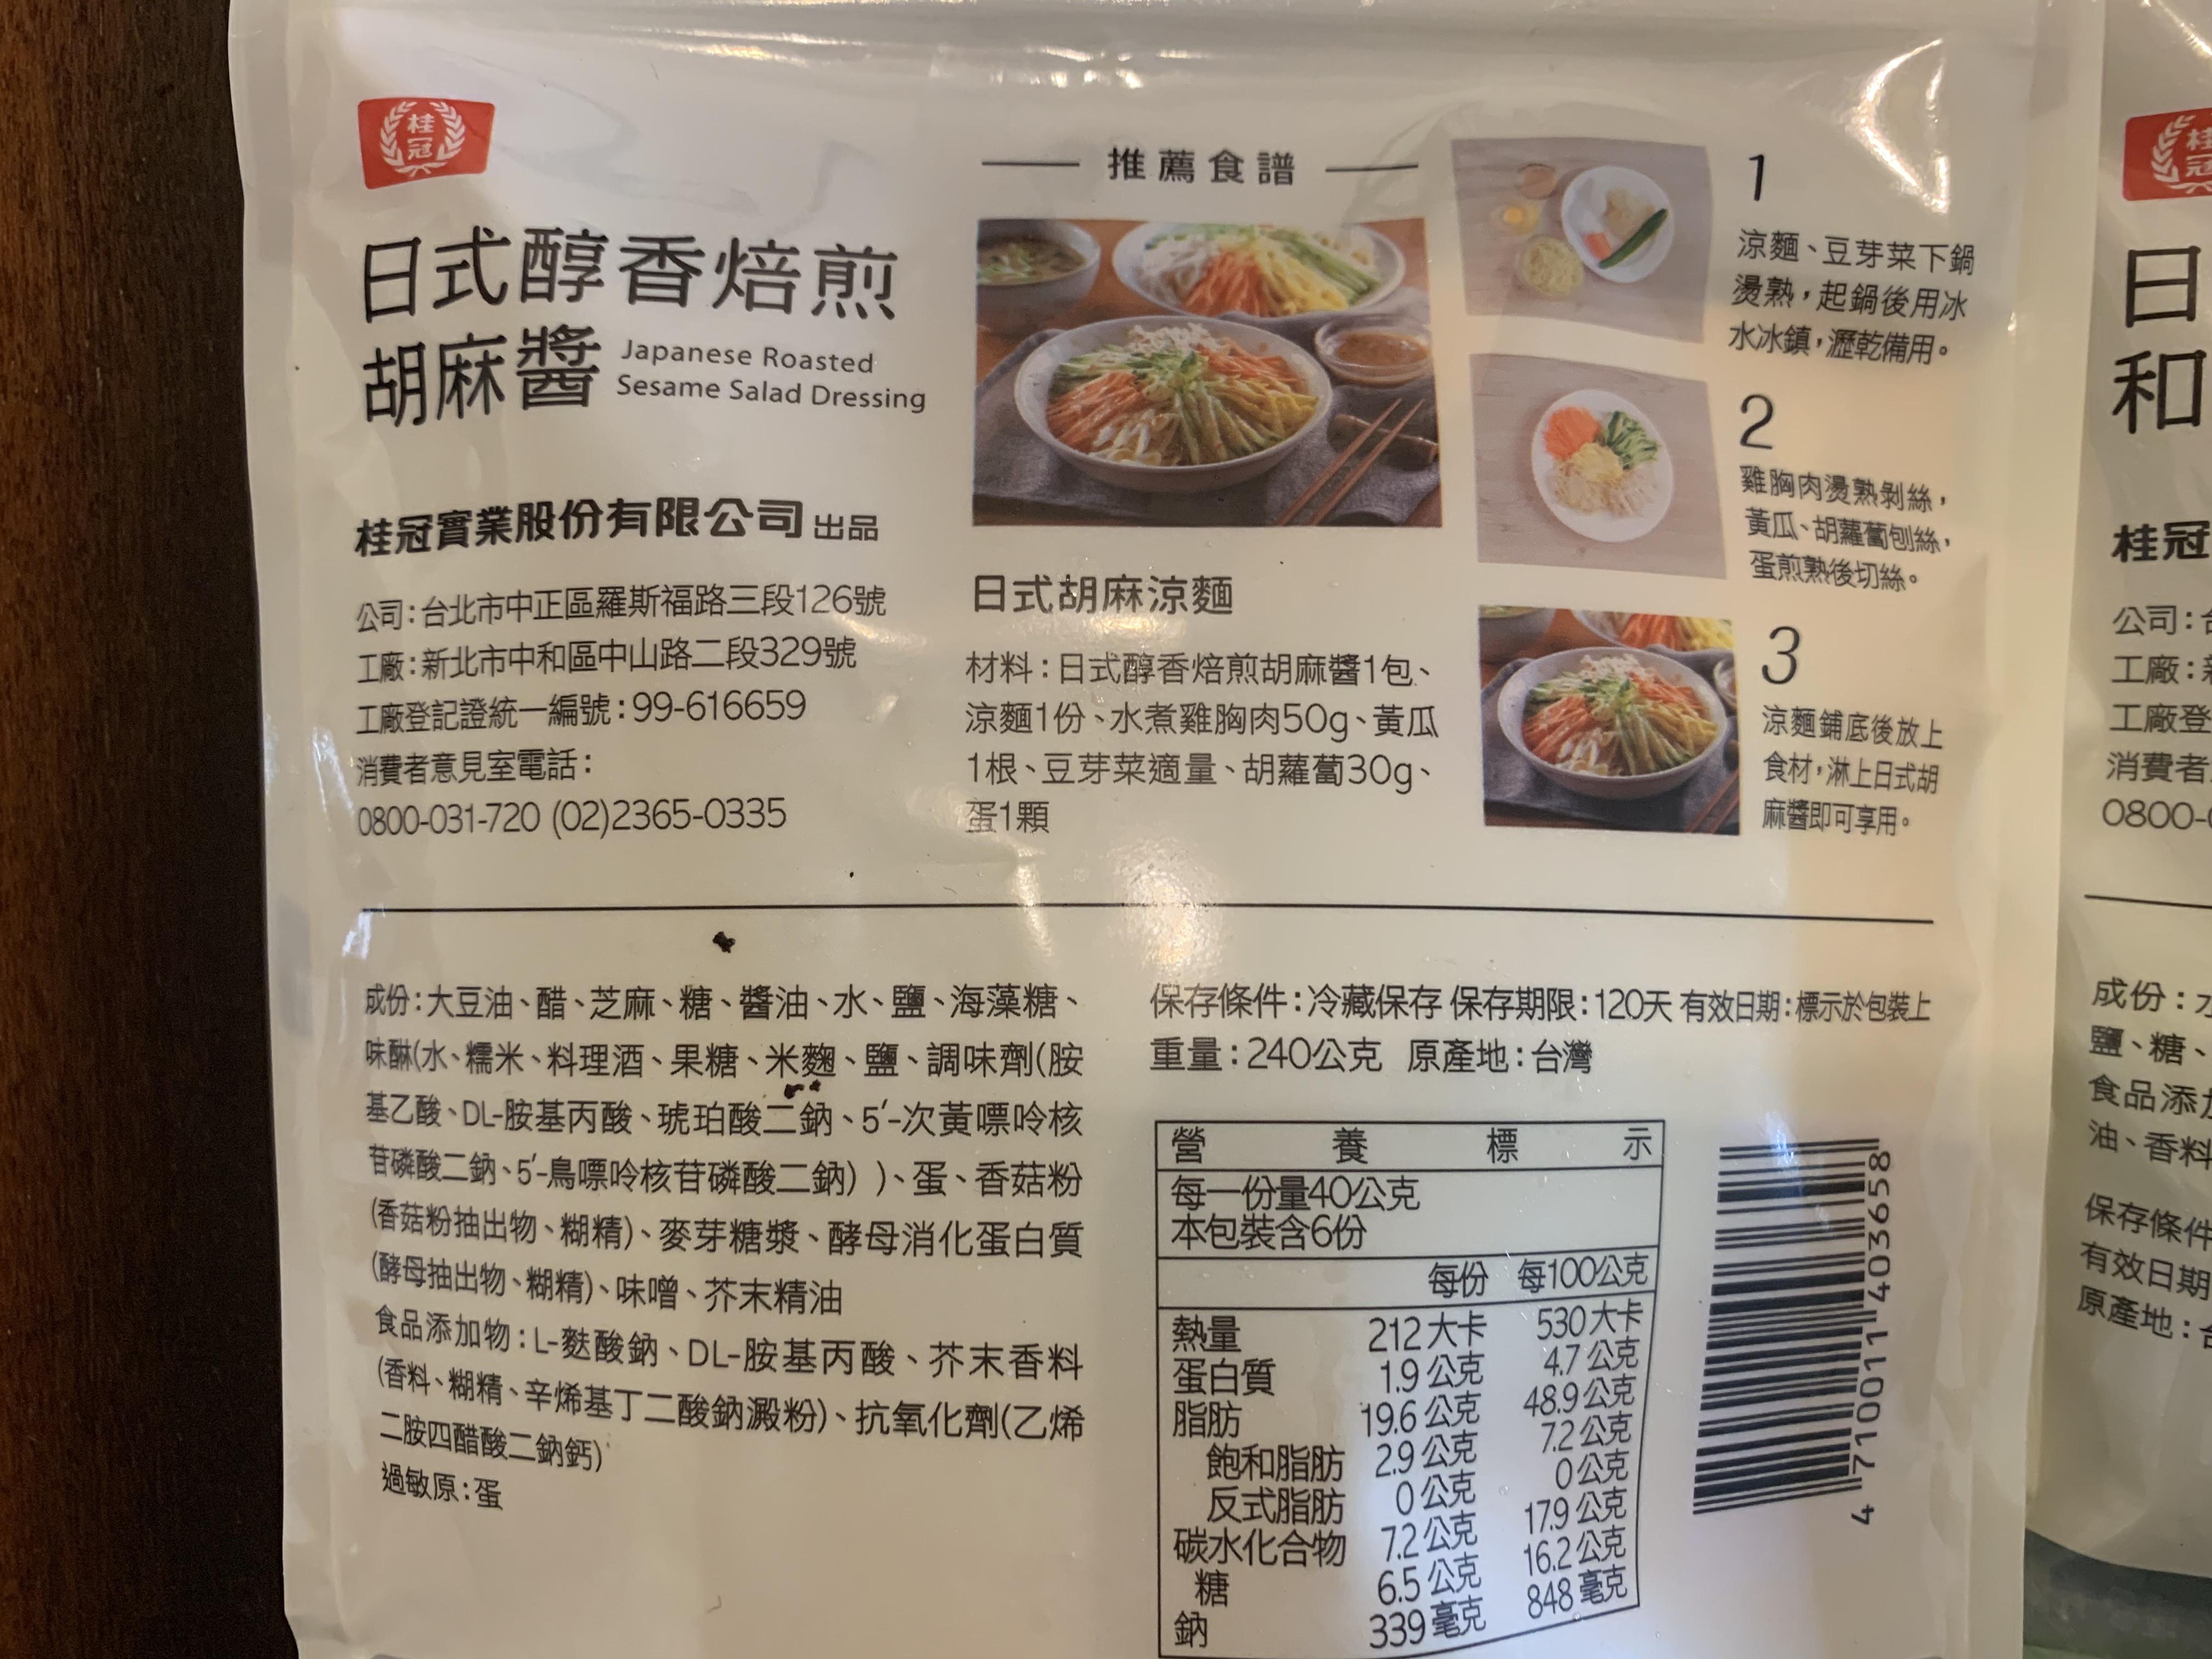 【桂冠風味沙拉】塑身低脂低卡低熱量-雞胸肉佐杏鮑菇溫沙拉的第 4 張圖片